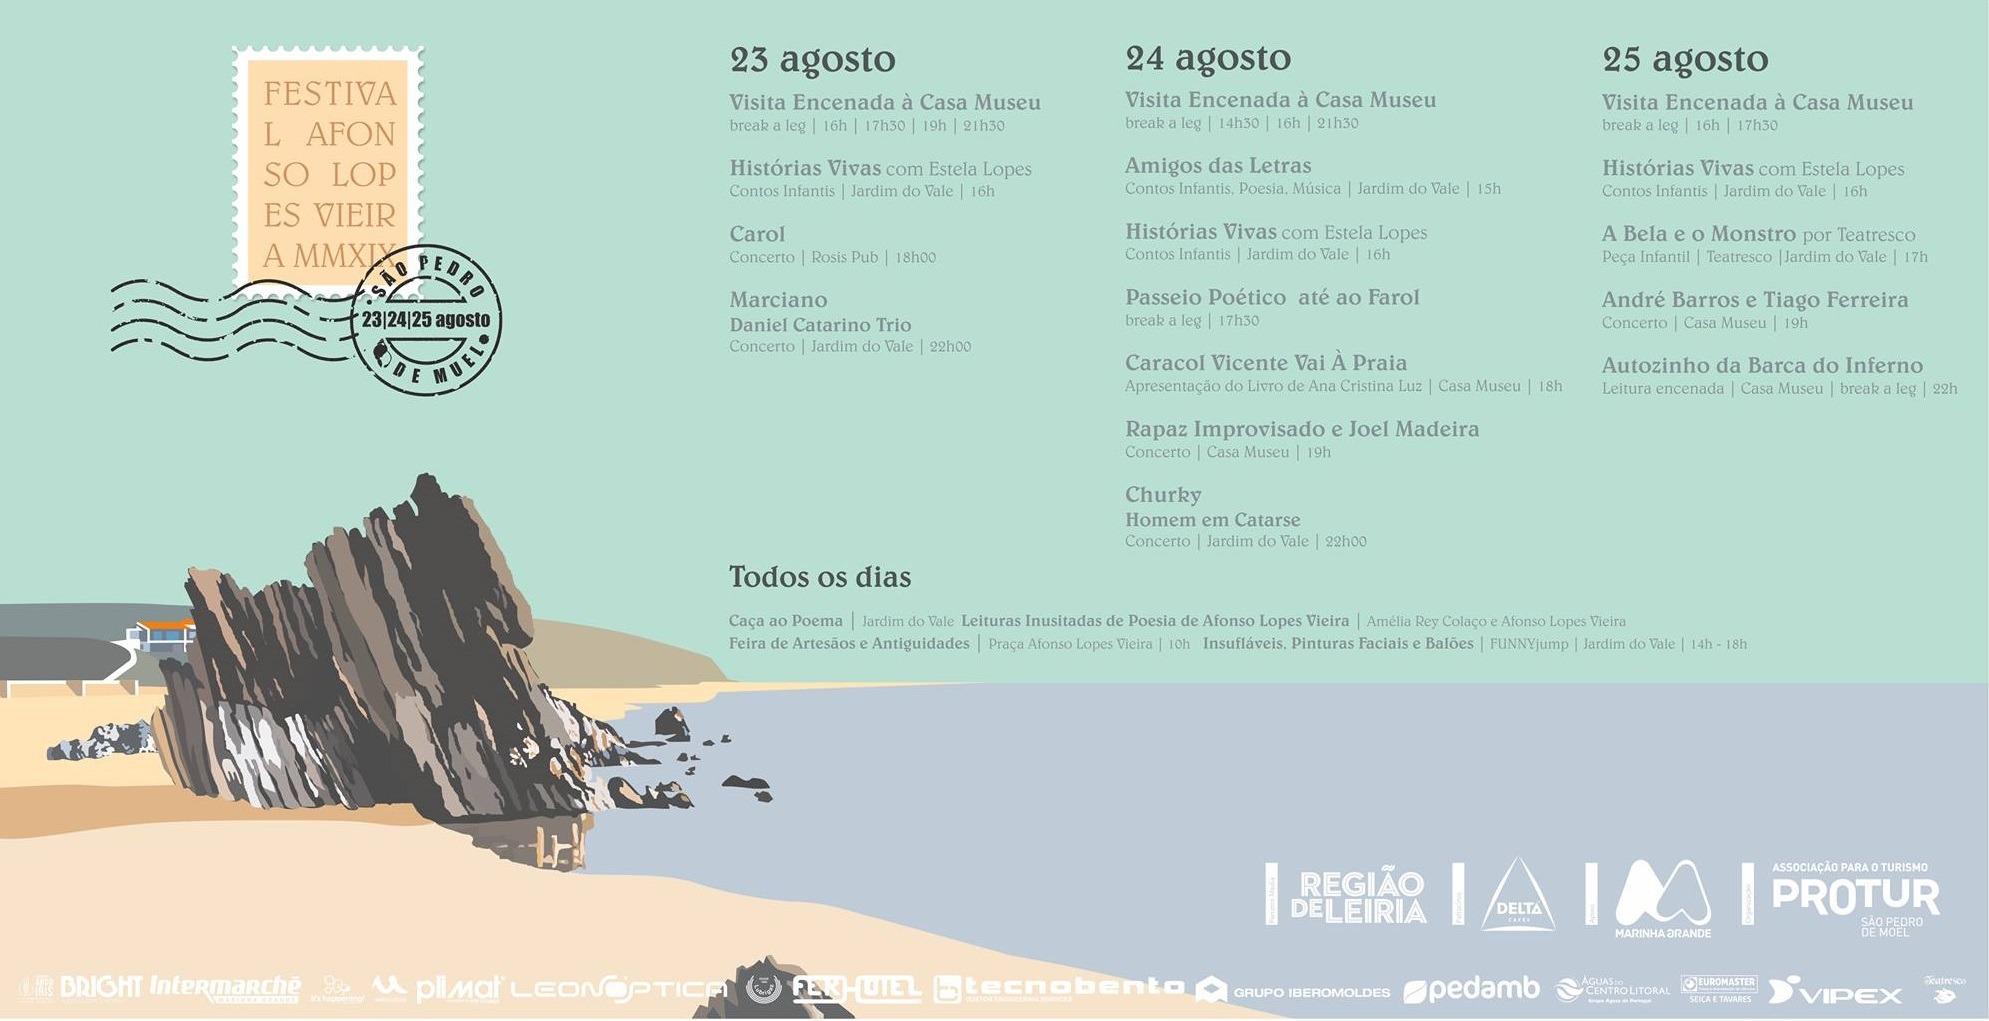 Programa Festival Afonso Lopes Vieira 2019